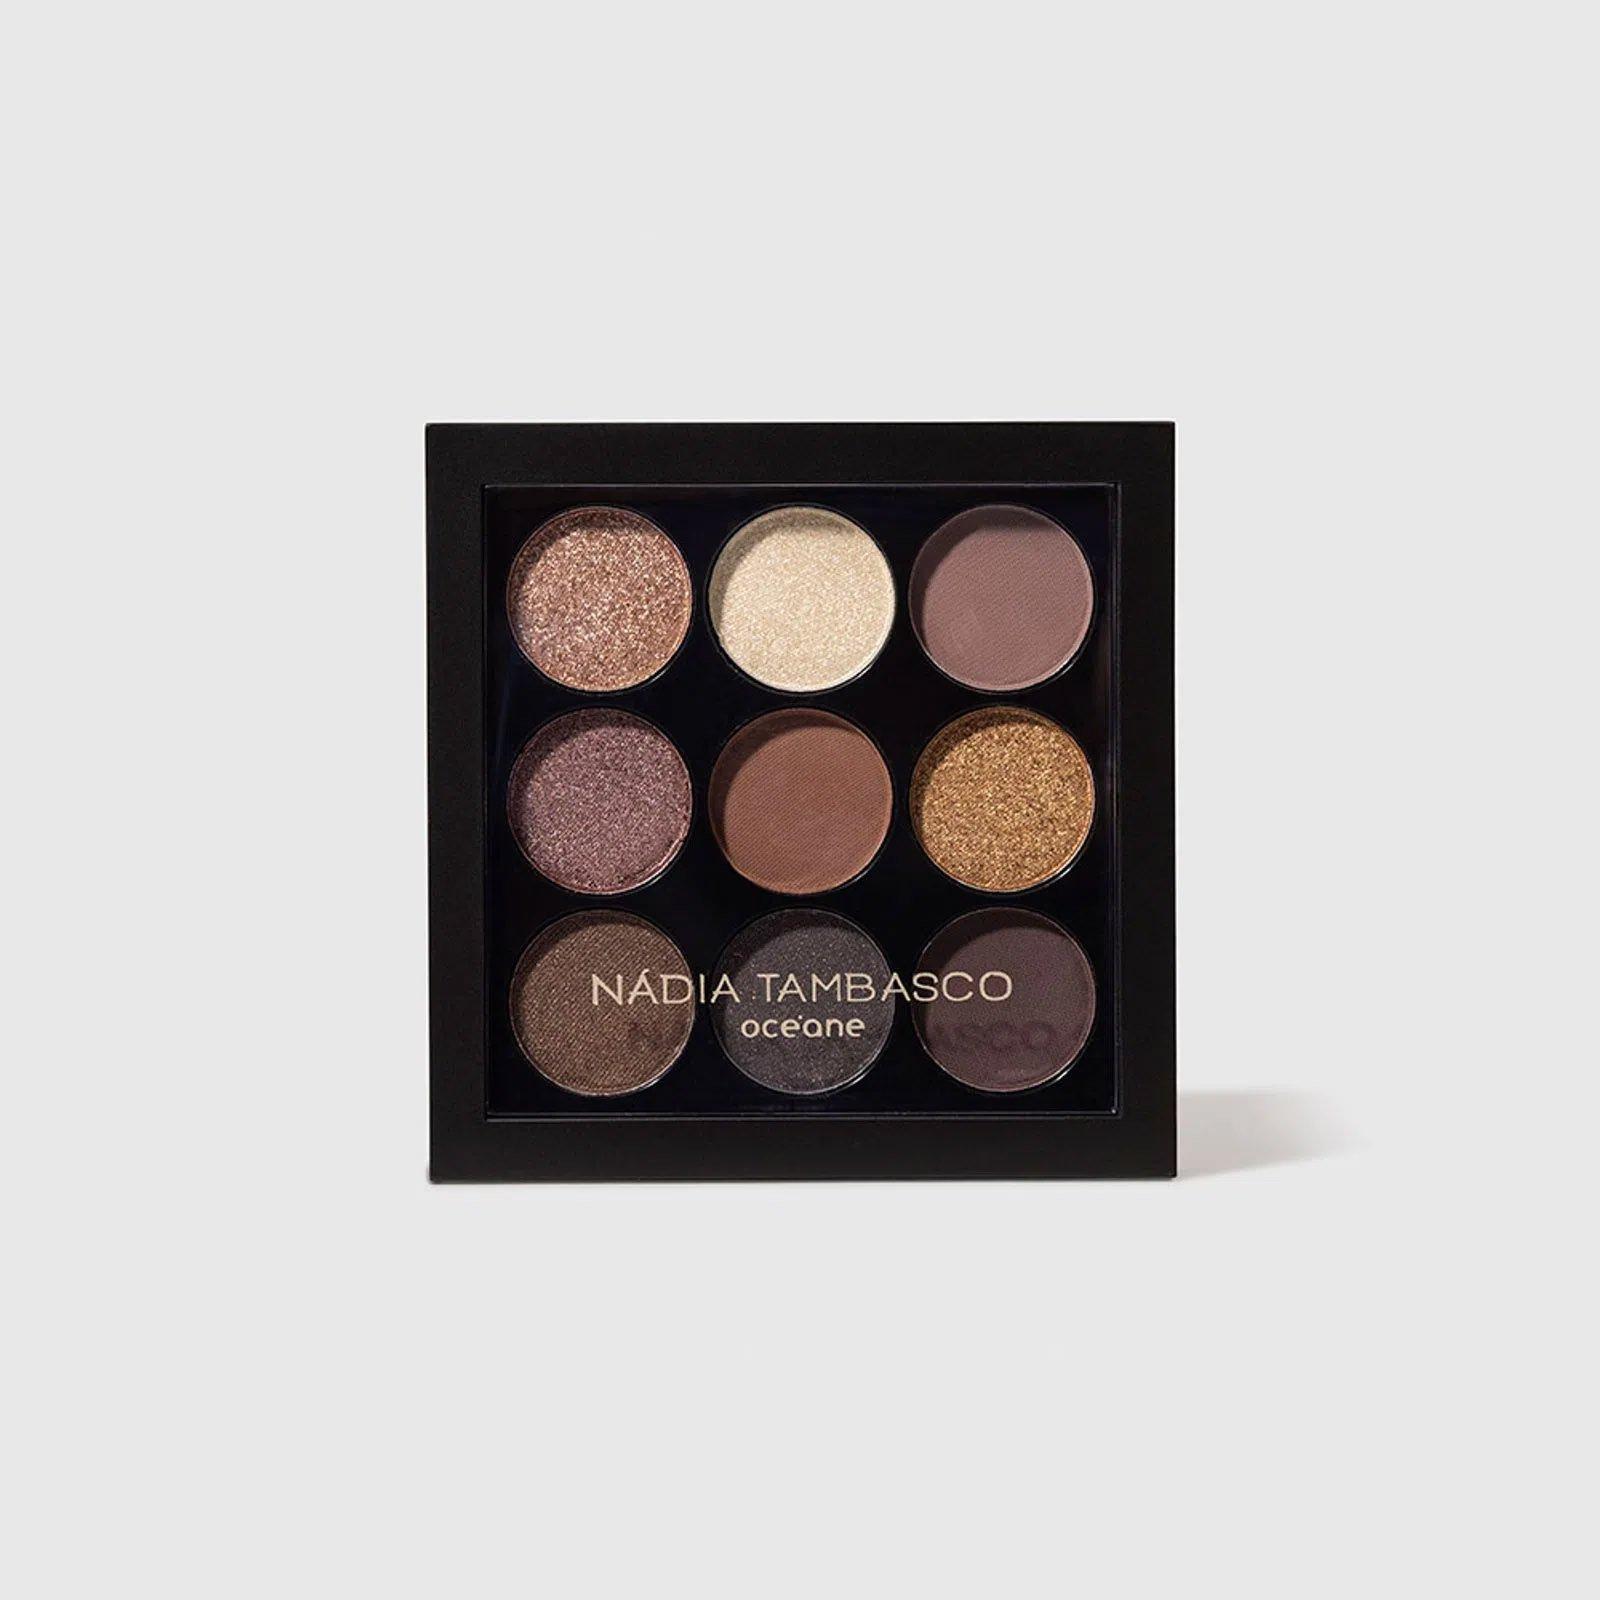 maquiagem paleta de sombras to go basic oceane nadia tambasco 51365 2000 204097